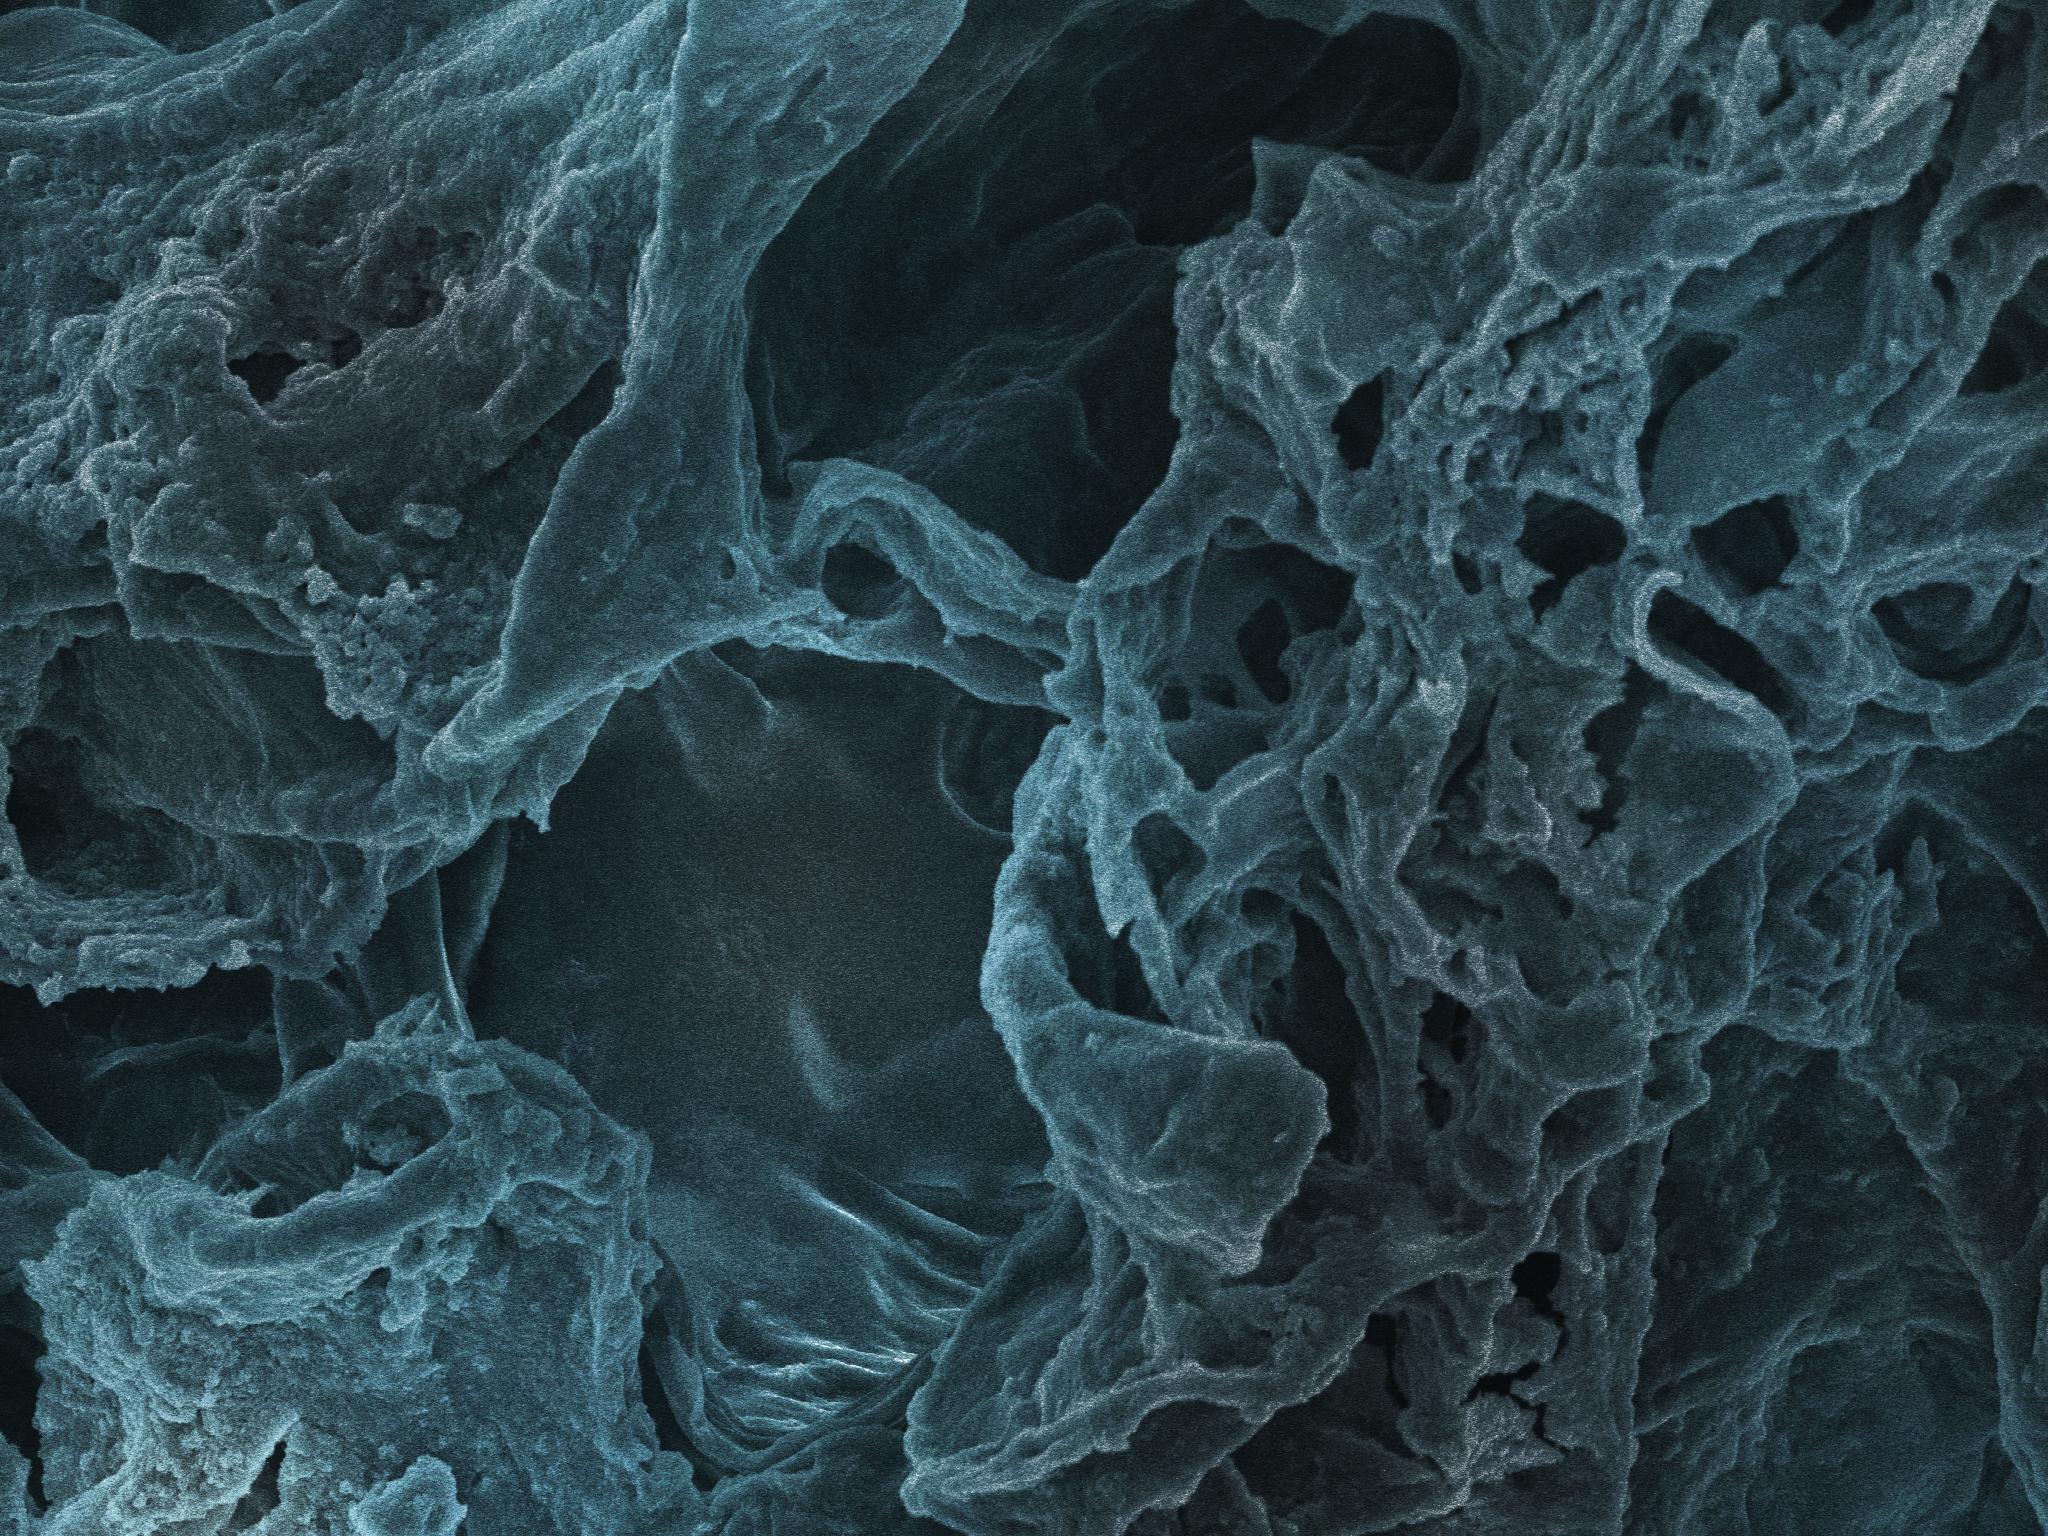 Anturium SEM image